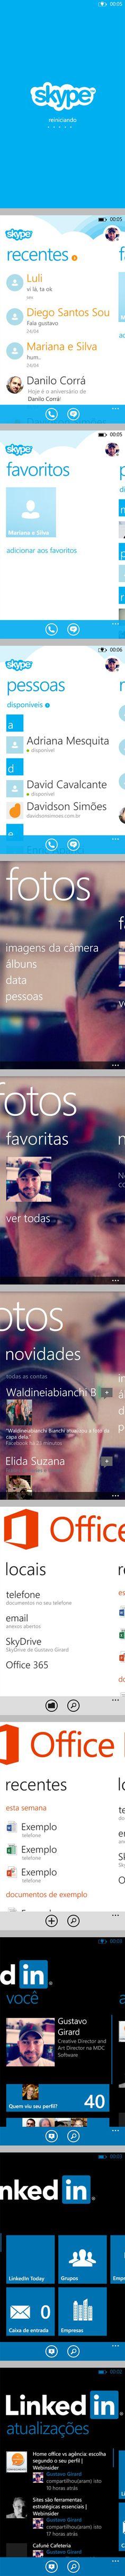 Referências de App's WP8 - Nokia Lumia 620 Skype - Fotos - Office - Linkedin